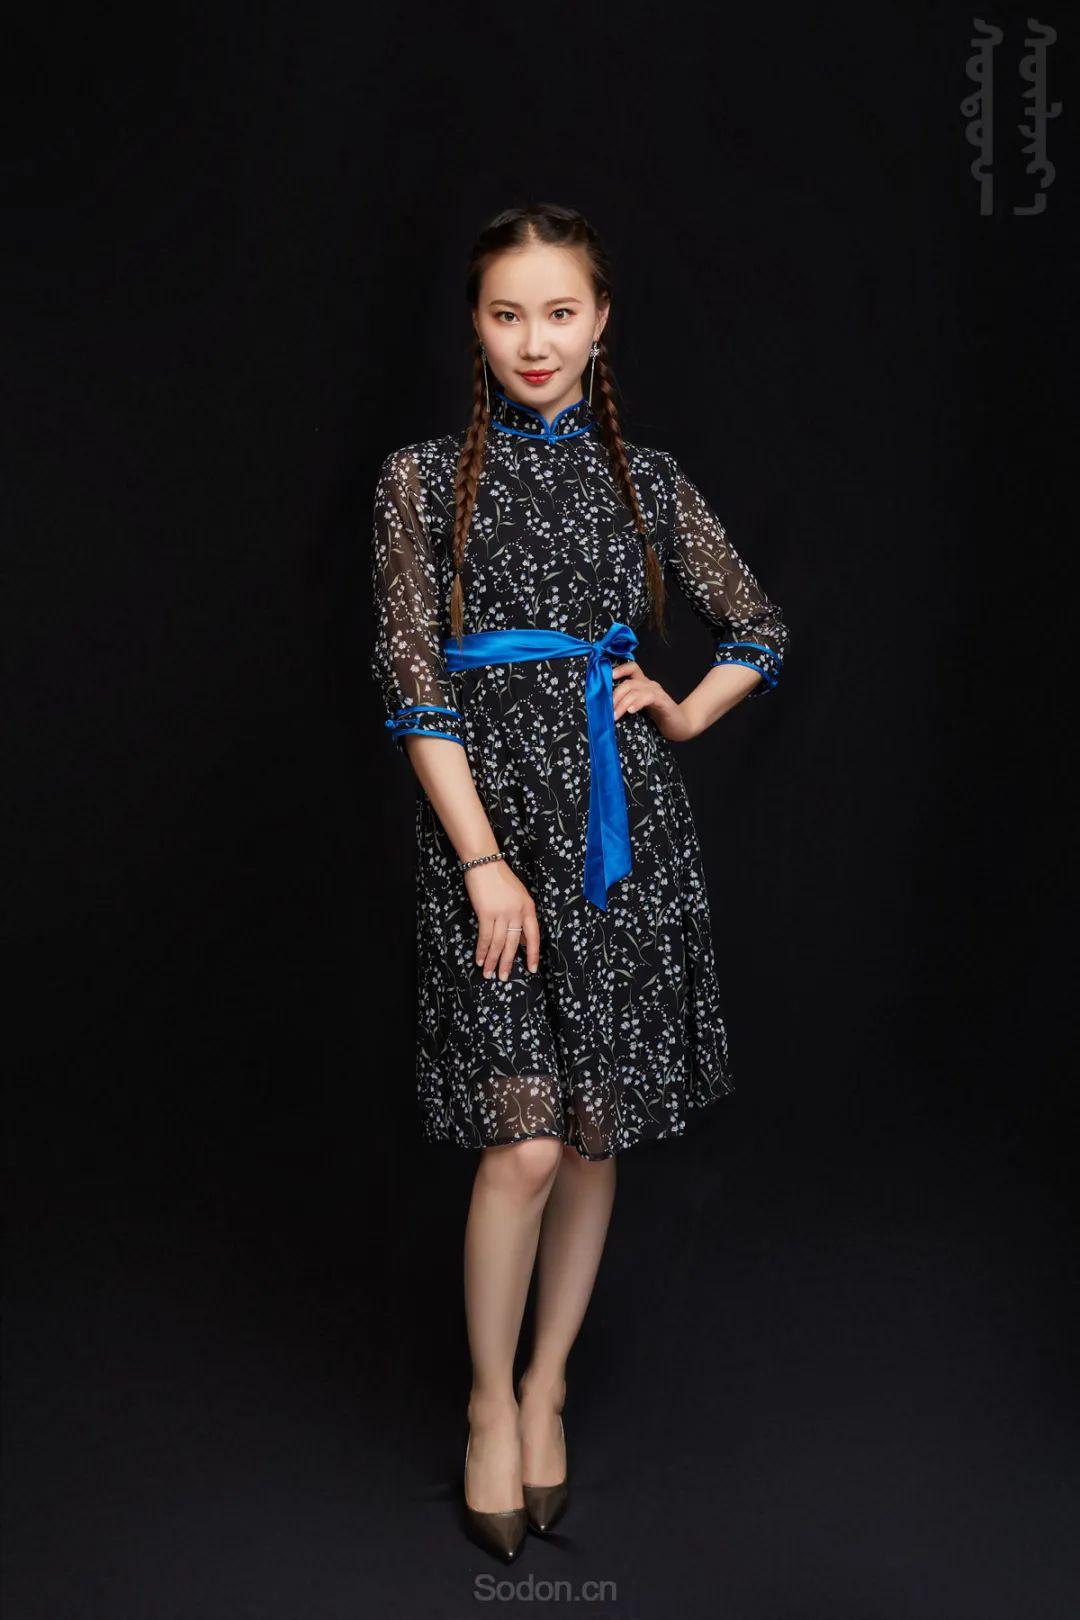 DOMOG蒙古时装2020新款夏季连衣裙首发,618钜惠七折! 第7张